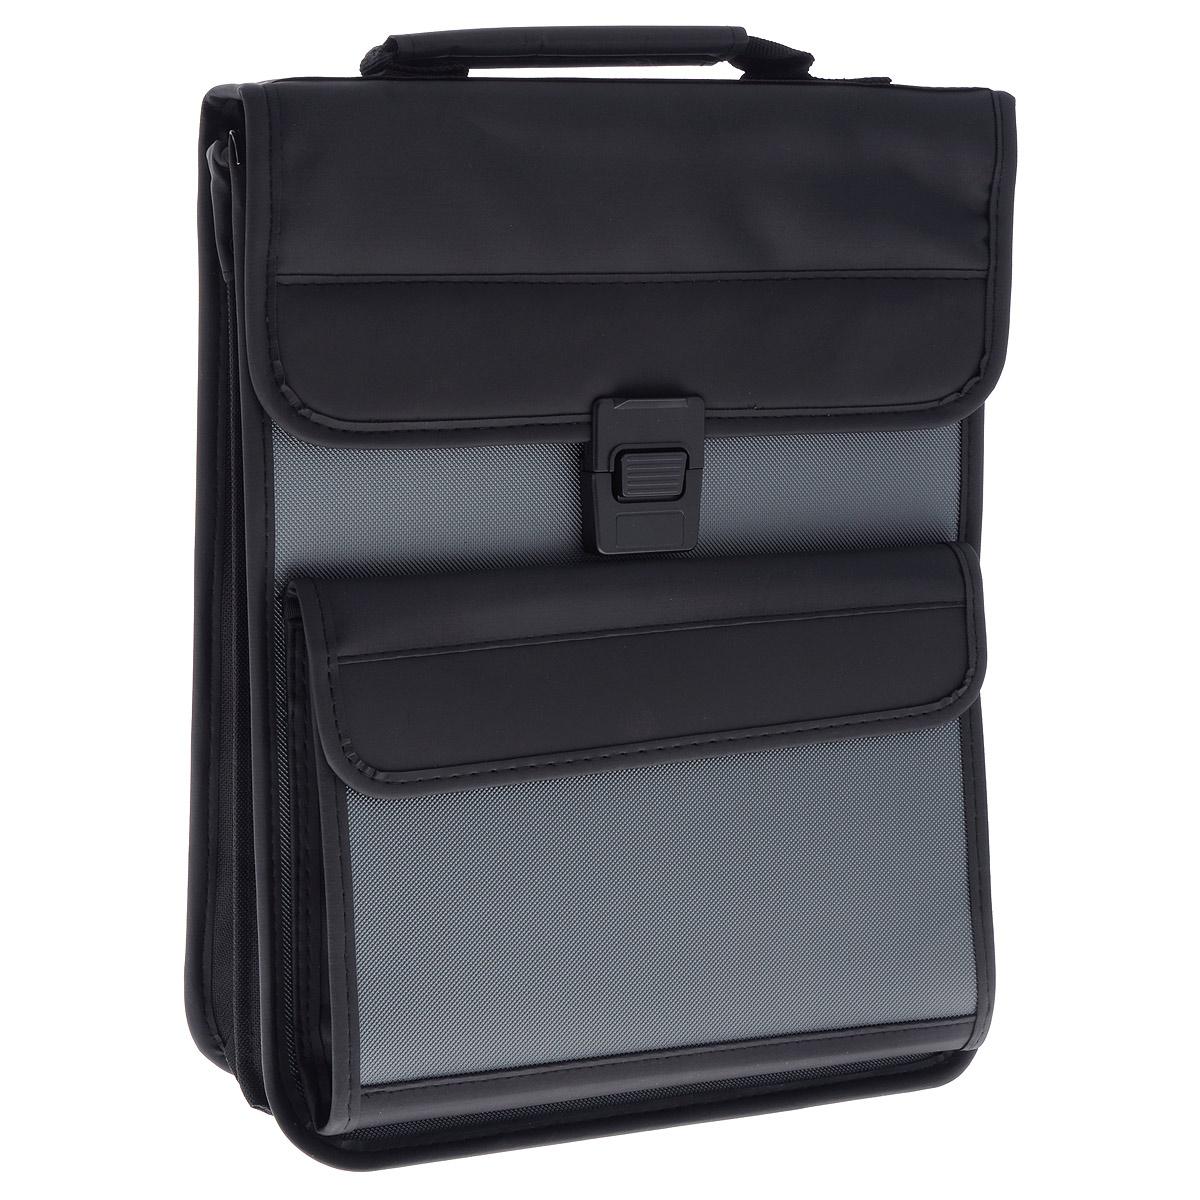 Berlingo Папка-портфель вертикальная цвет черный серыйADb_04048Вертикальная папка-портфель Berlingo - это удобный и практичный офисный инструмент, предназначенный для хранения и транспортировки большого количества рабочих бумаг и документов. Папка-портфель изготовлена из плотного пластика с зернистым тиснением, оснащена удобной ручкой для переноски, закрывается на широкий клапан с пластиковым замком. Грани папки имеют мягкую отделку, уголки укреплены металлическими накладками. Папка состоит из 2 отделений, разделенных средником на застежке-молнии. Внутри первого отделения расположены 2 открытых кармана и накладной карман, закрывающийся на клапан с липучкой, а также 3 кармашка для ручек. Фронтальная сторона сумки дополнена вместительным карманом, закрывающимся на клапан с липучкой, внутри которого расположен карман-сеточка на застежке-молнии. Папка оснащена удобным плечевым ремнем с эргономичной мягкой накладкой. Папка-портфель - это незаменимый атрибут для студента, школьника, офисного работника. Такая папка надежно сохранит ваши...